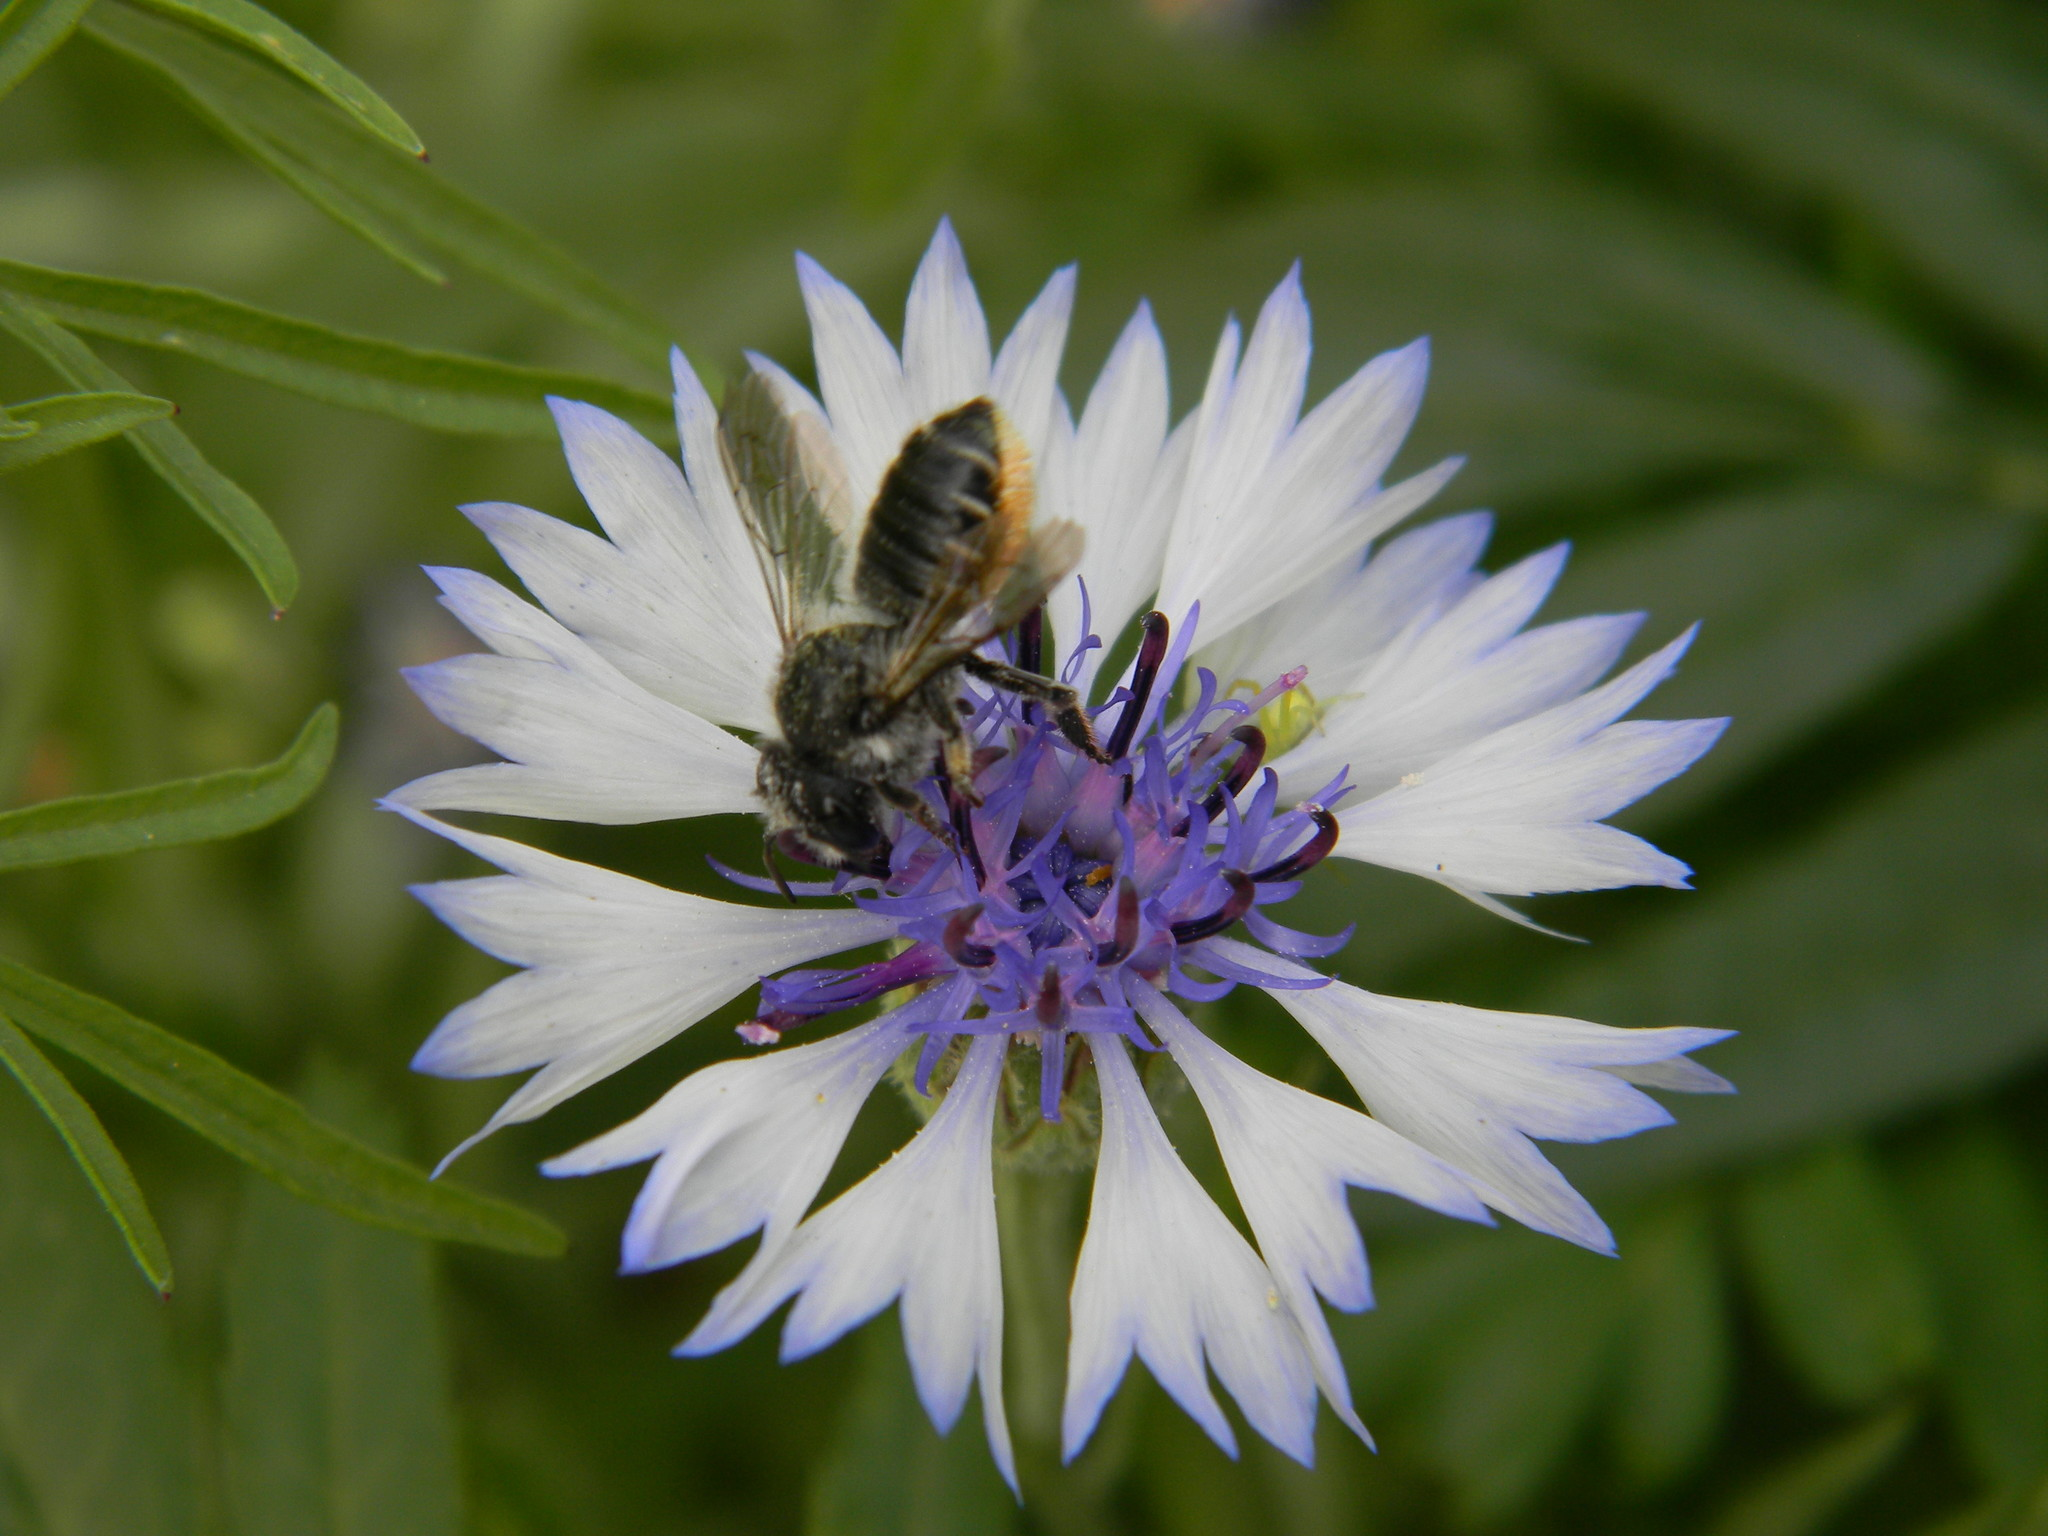 Пчела на цветке василька